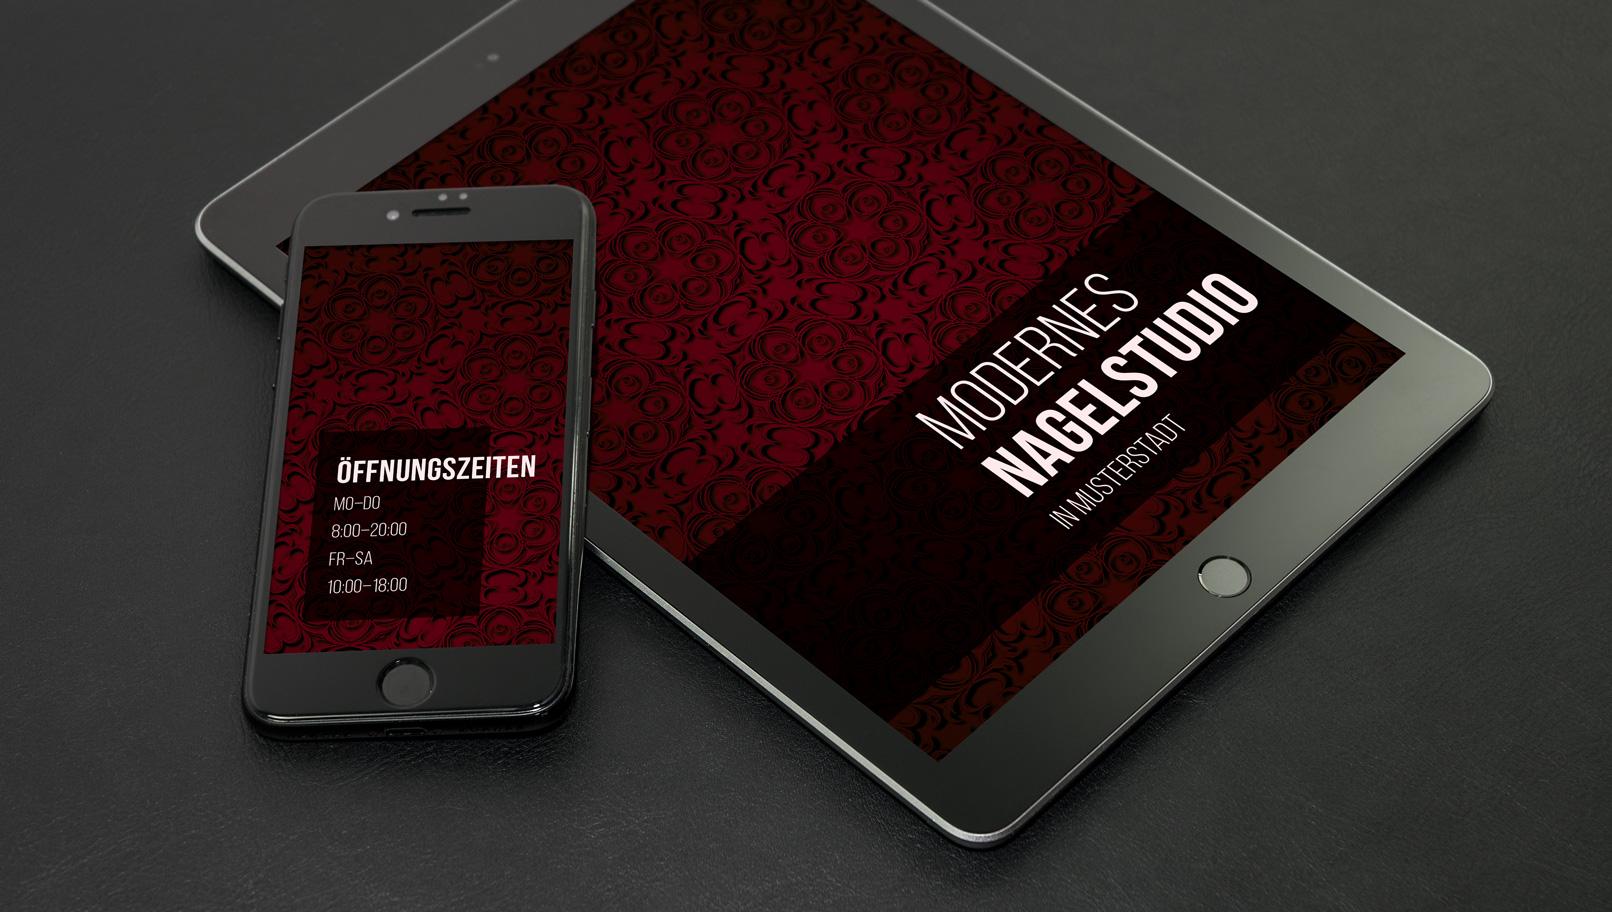 Tablet und Smartphone zeigen digitales Papier mit rotem Hintergrund